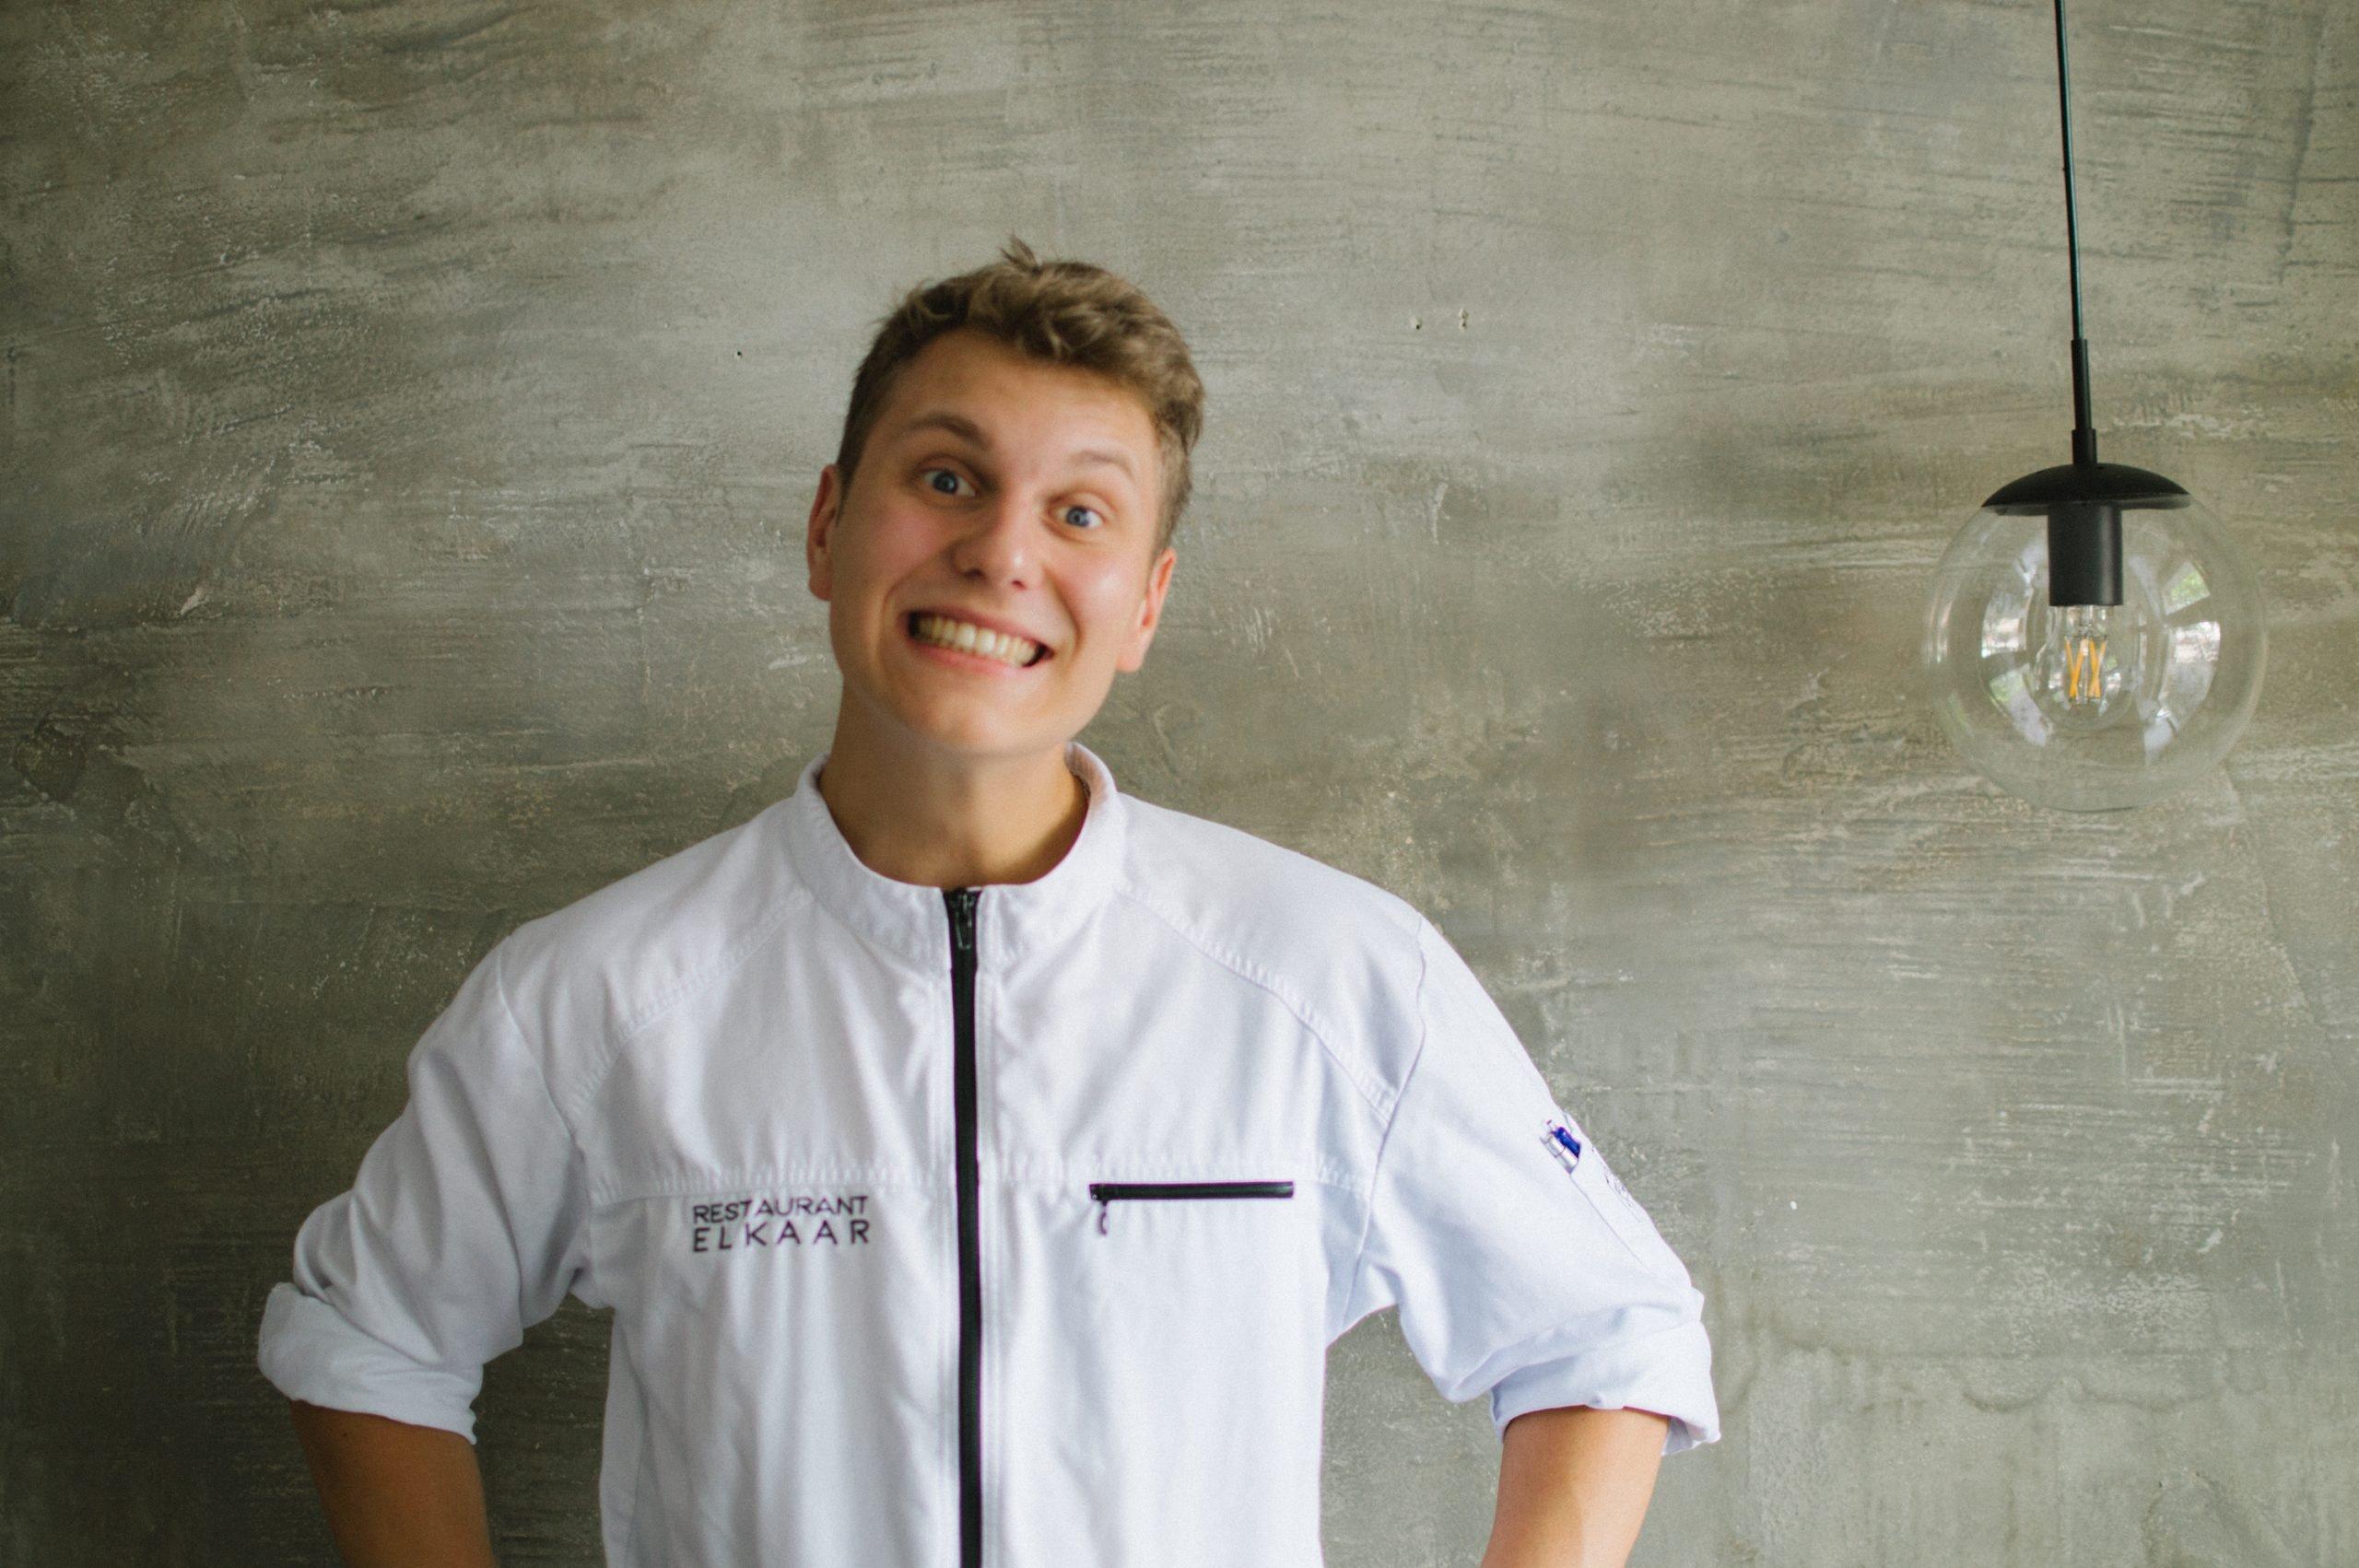 Jaap Portrait 3